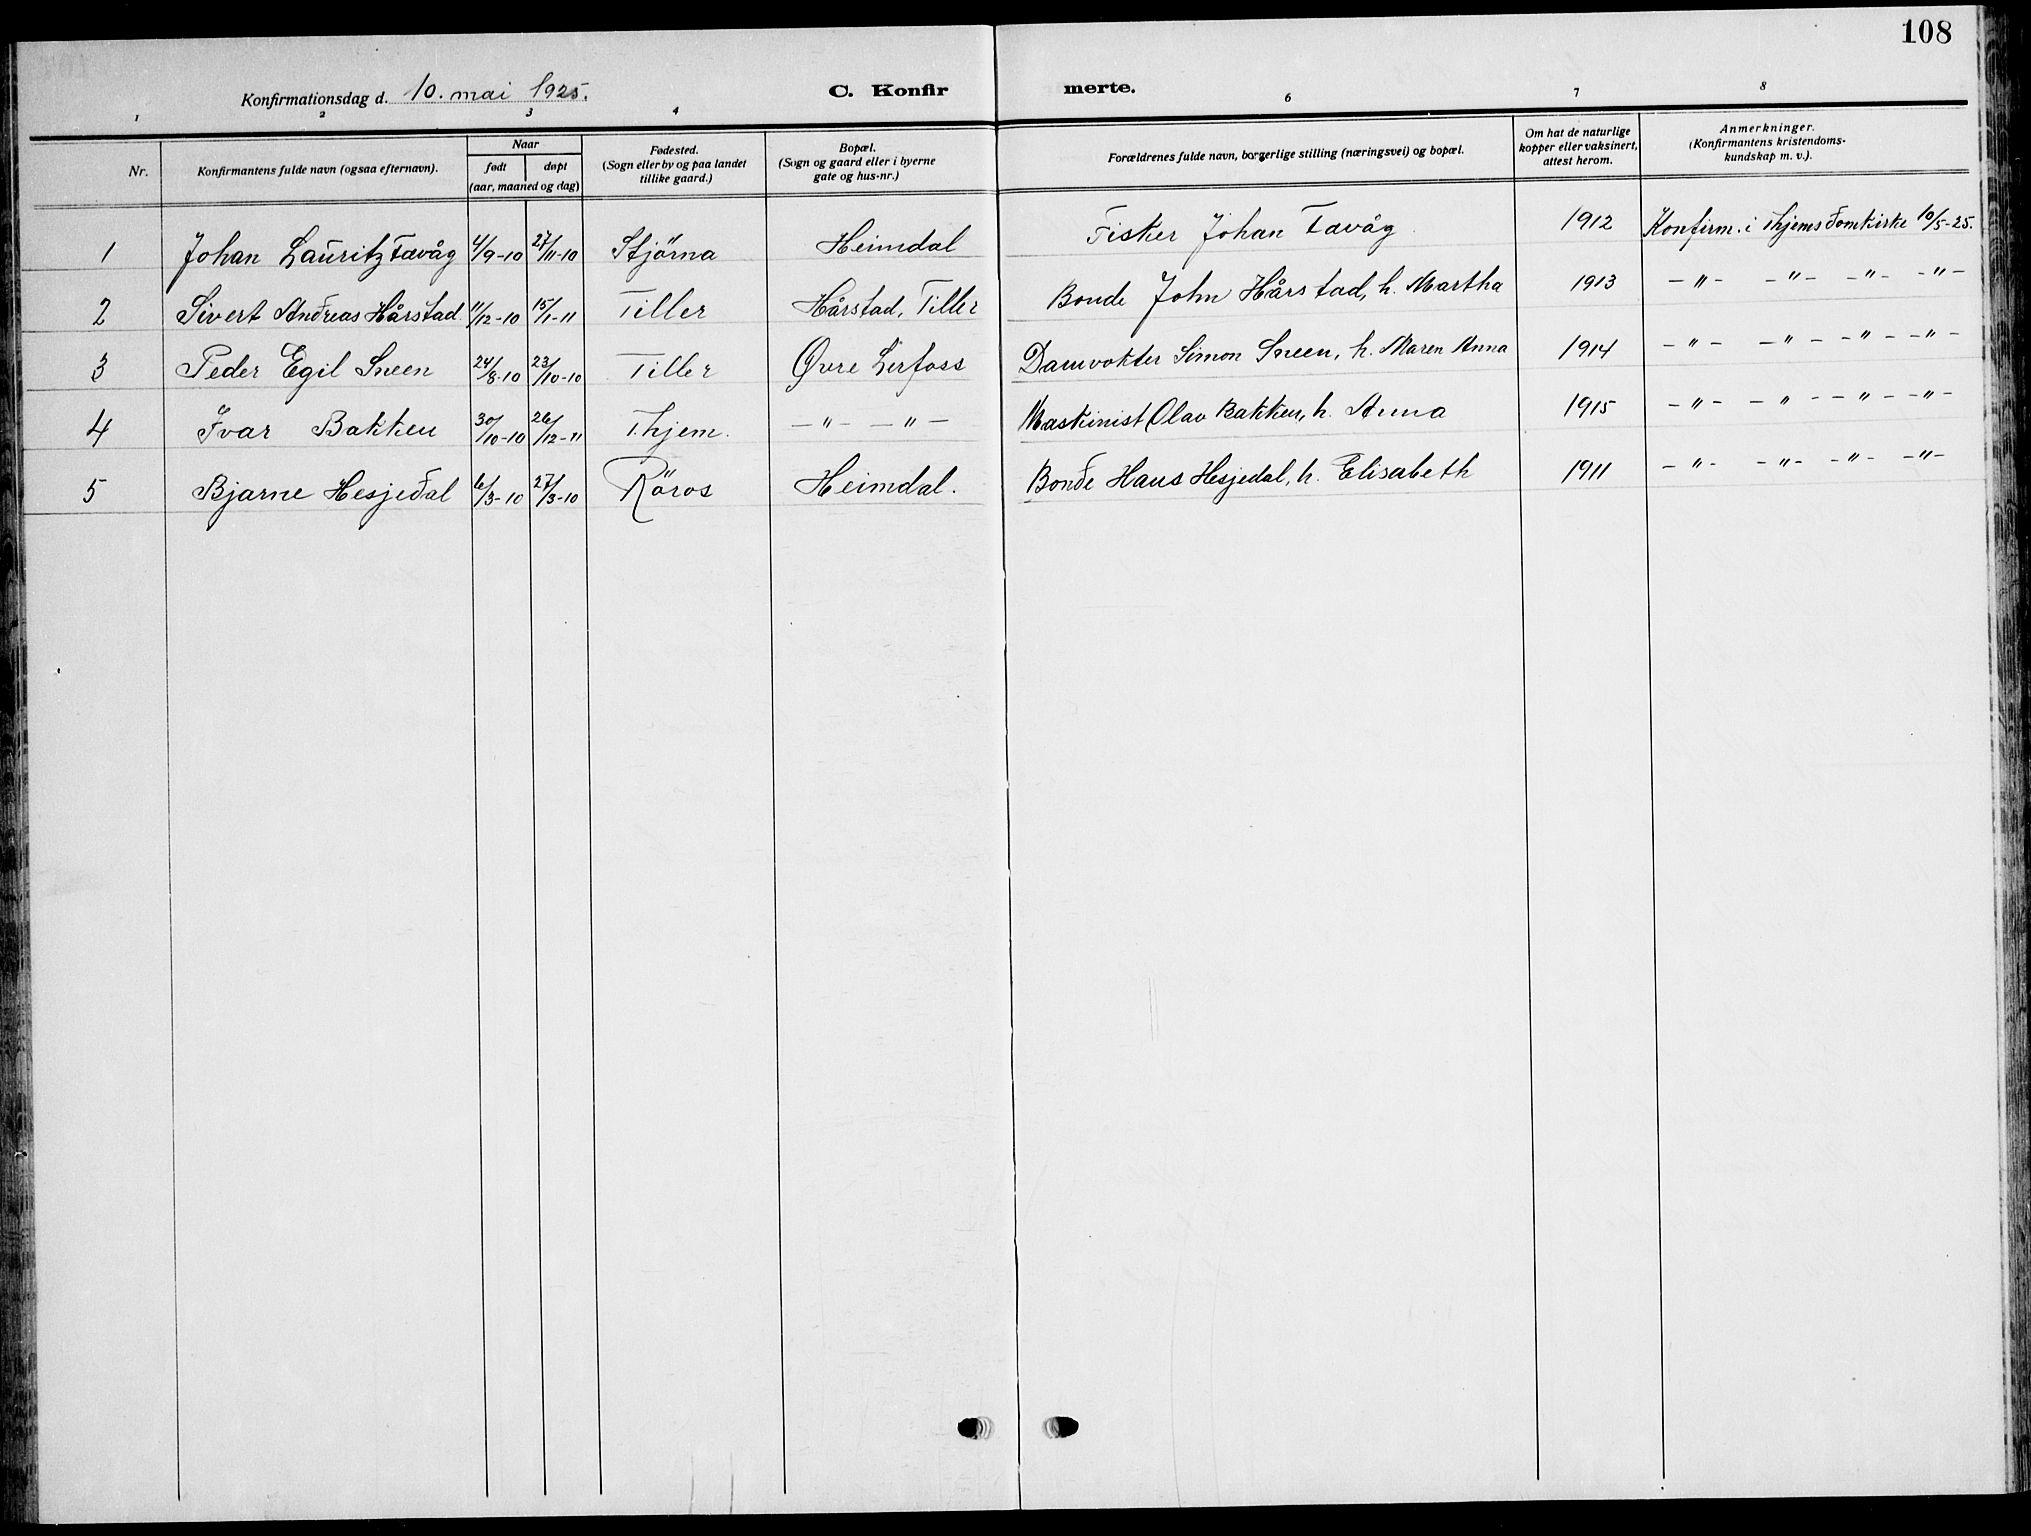 SAT, Ministerialprotokoller, klokkerbøker og fødselsregistre - Sør-Trøndelag, 621/L0462: Klokkerbok nr. 621C05, 1915-1945, s. 108